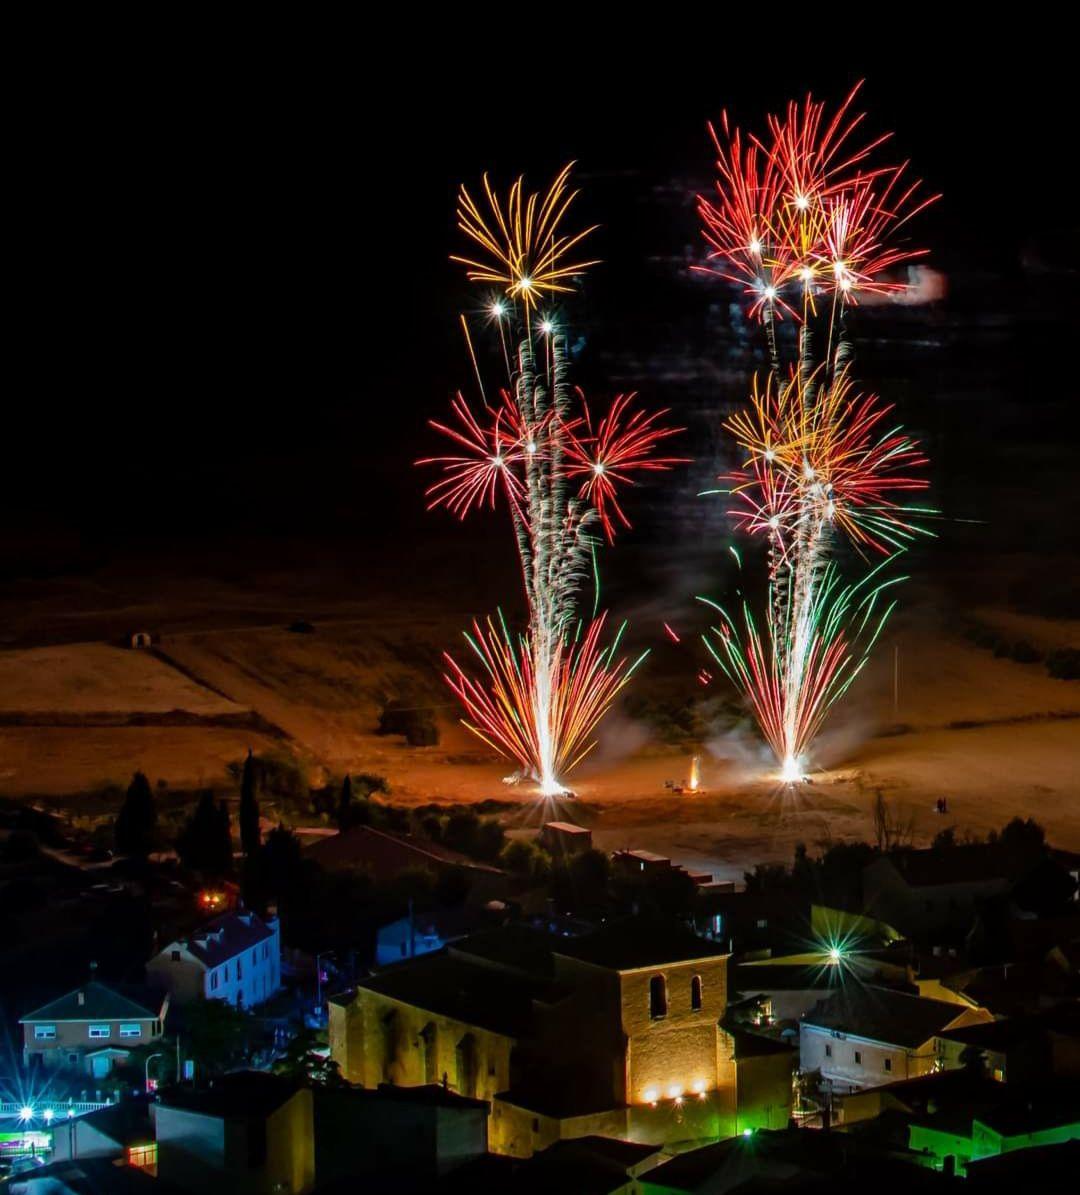 Pese a no poder celebrarlas por la pandemia, Albalate no olvida sus fiestas